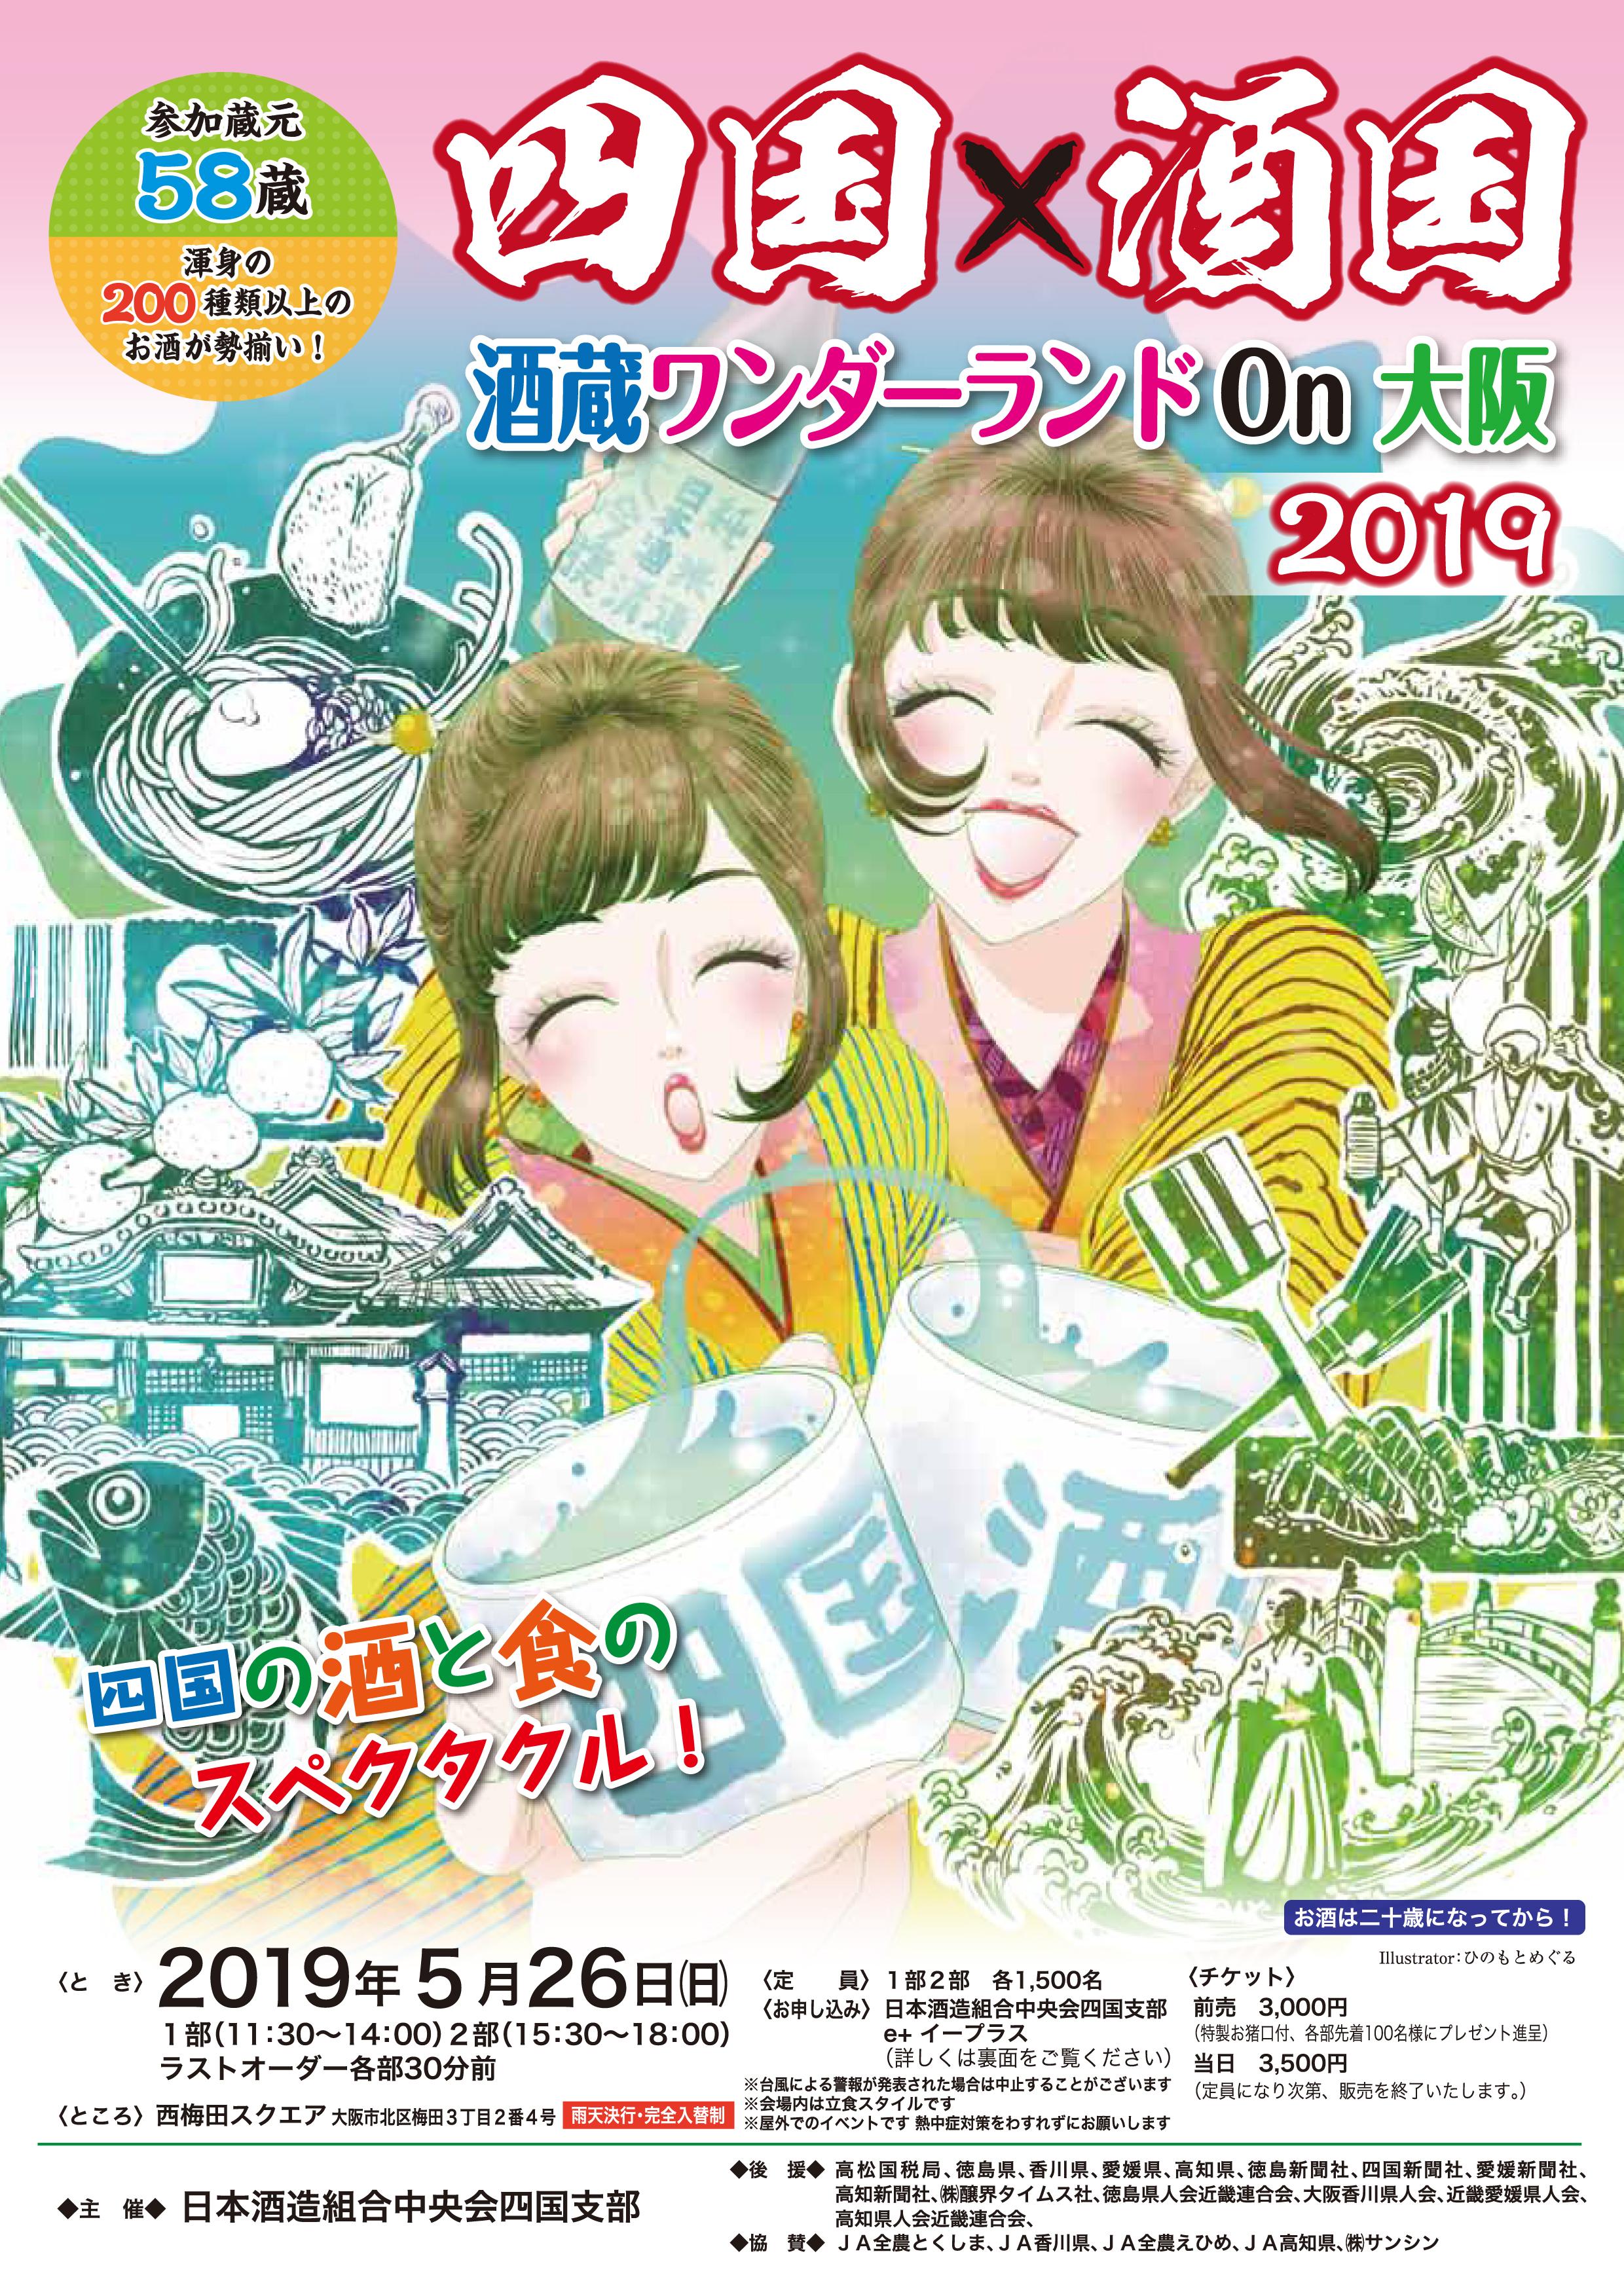 【四国×酒国2019】〜酒蔵ワンダーランドon大阪〜